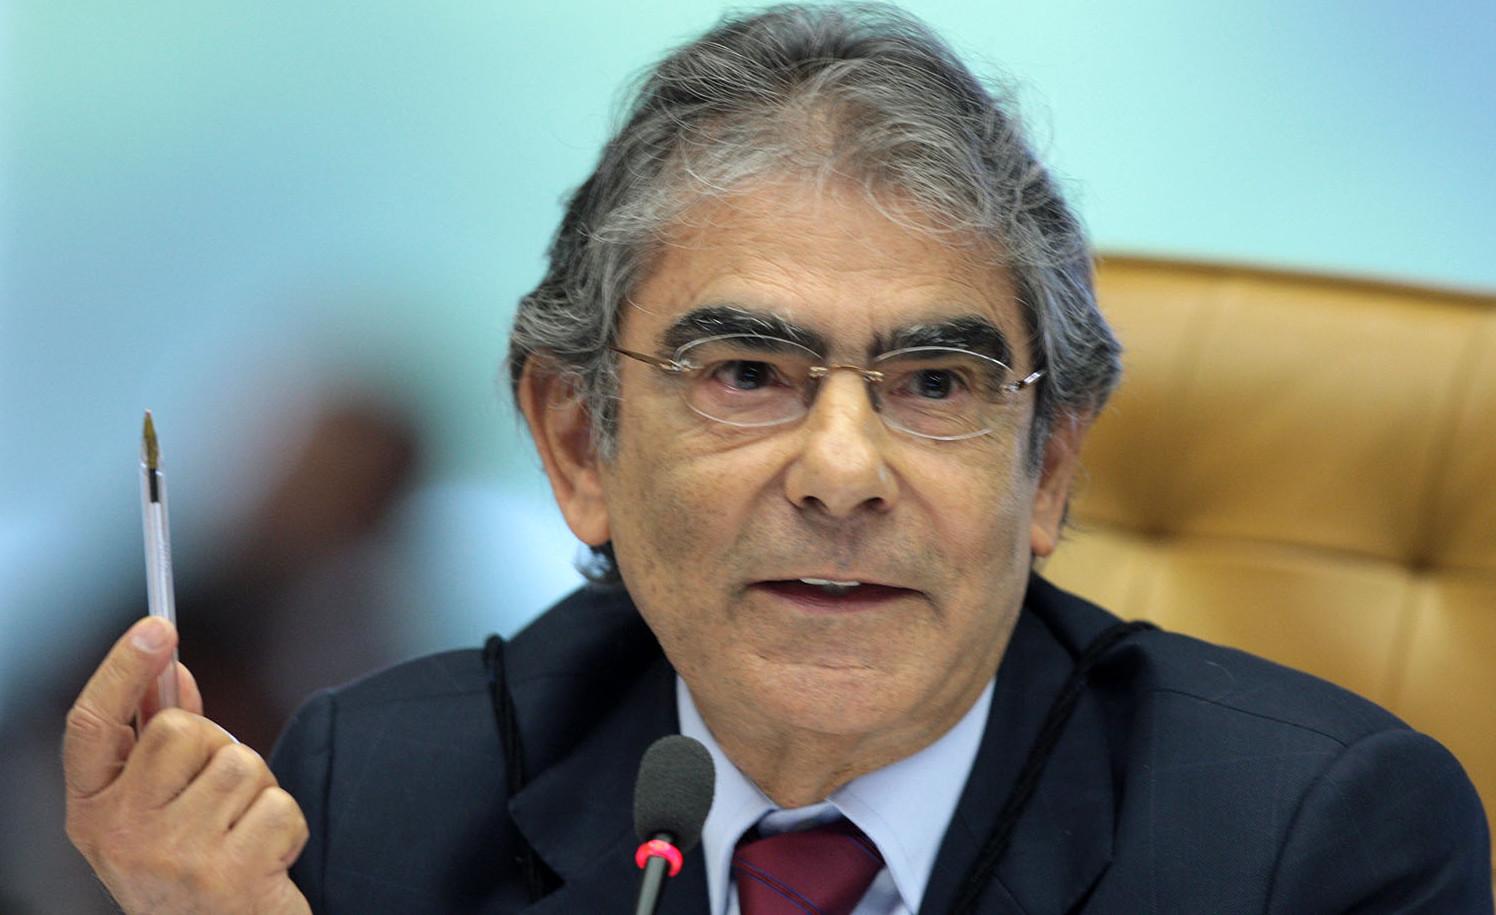 'Lei do Direito de Resposta é hostil à liberdade de imprensa', diz ex-ministro Ayres Britto